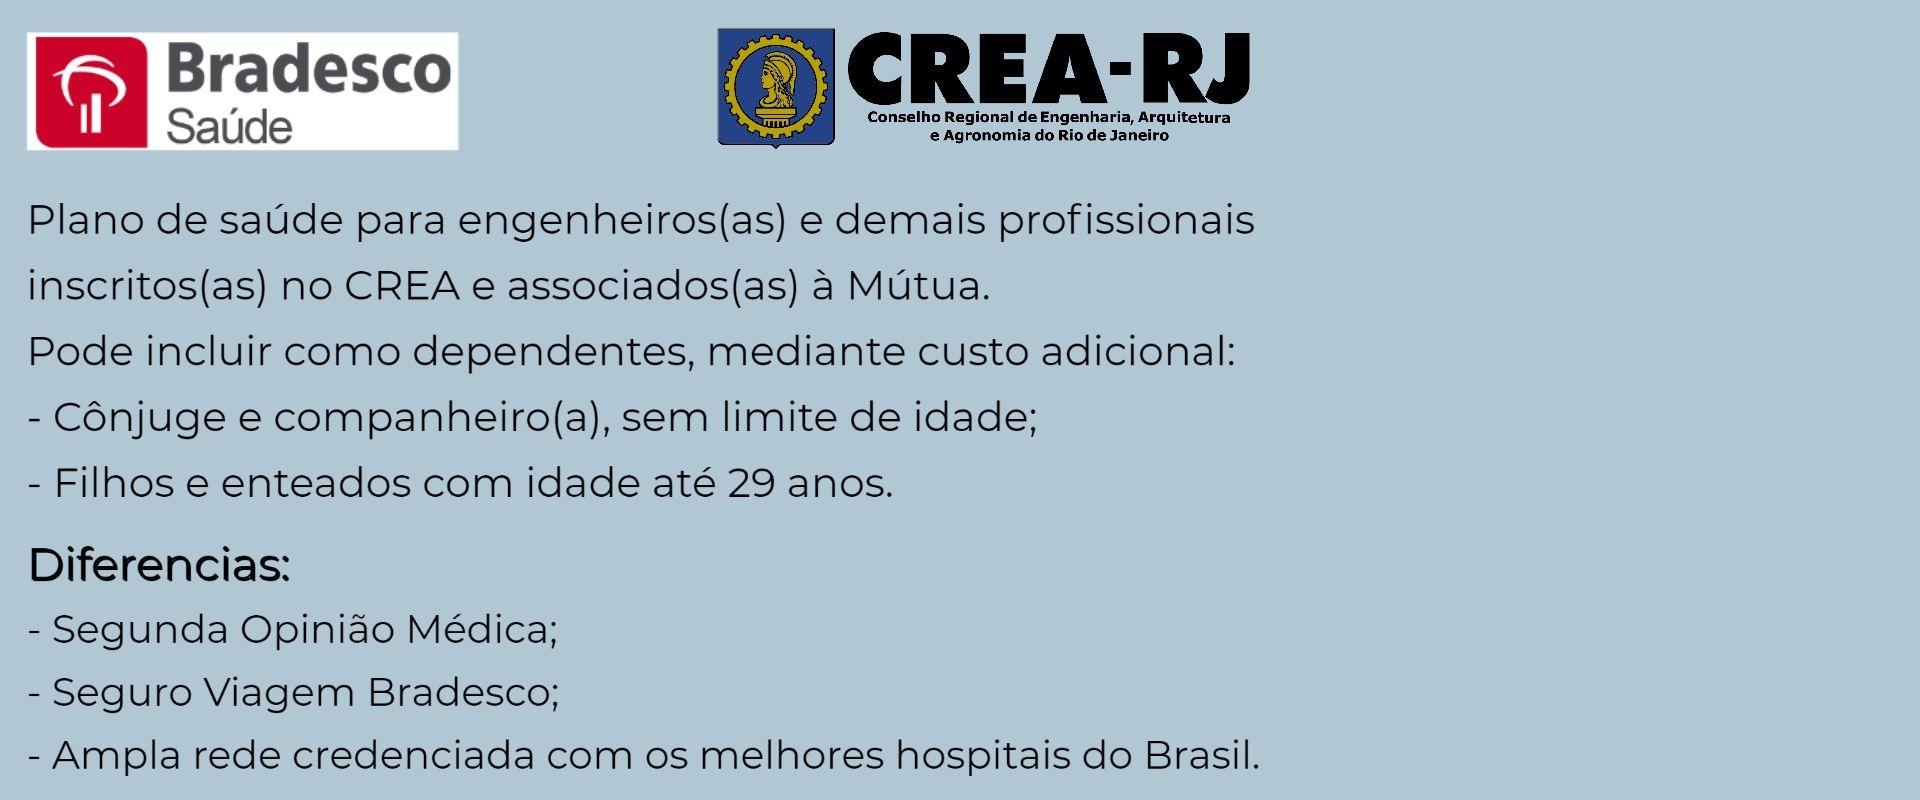 Bradesco Saúde CREA-RJ